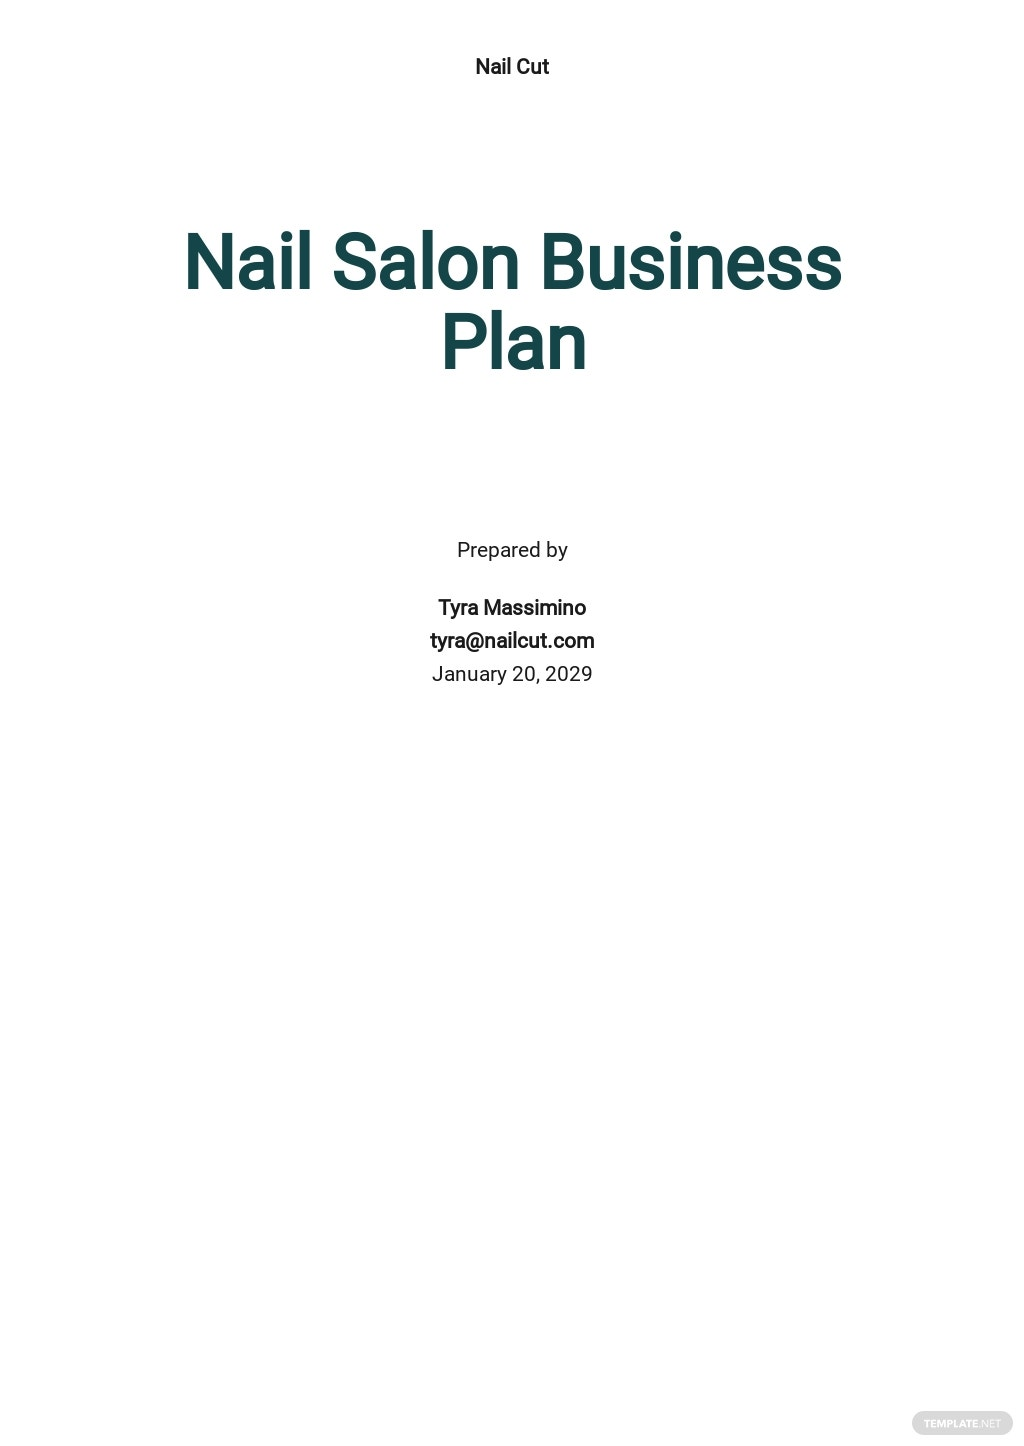 Nail Salon Business Plan Template